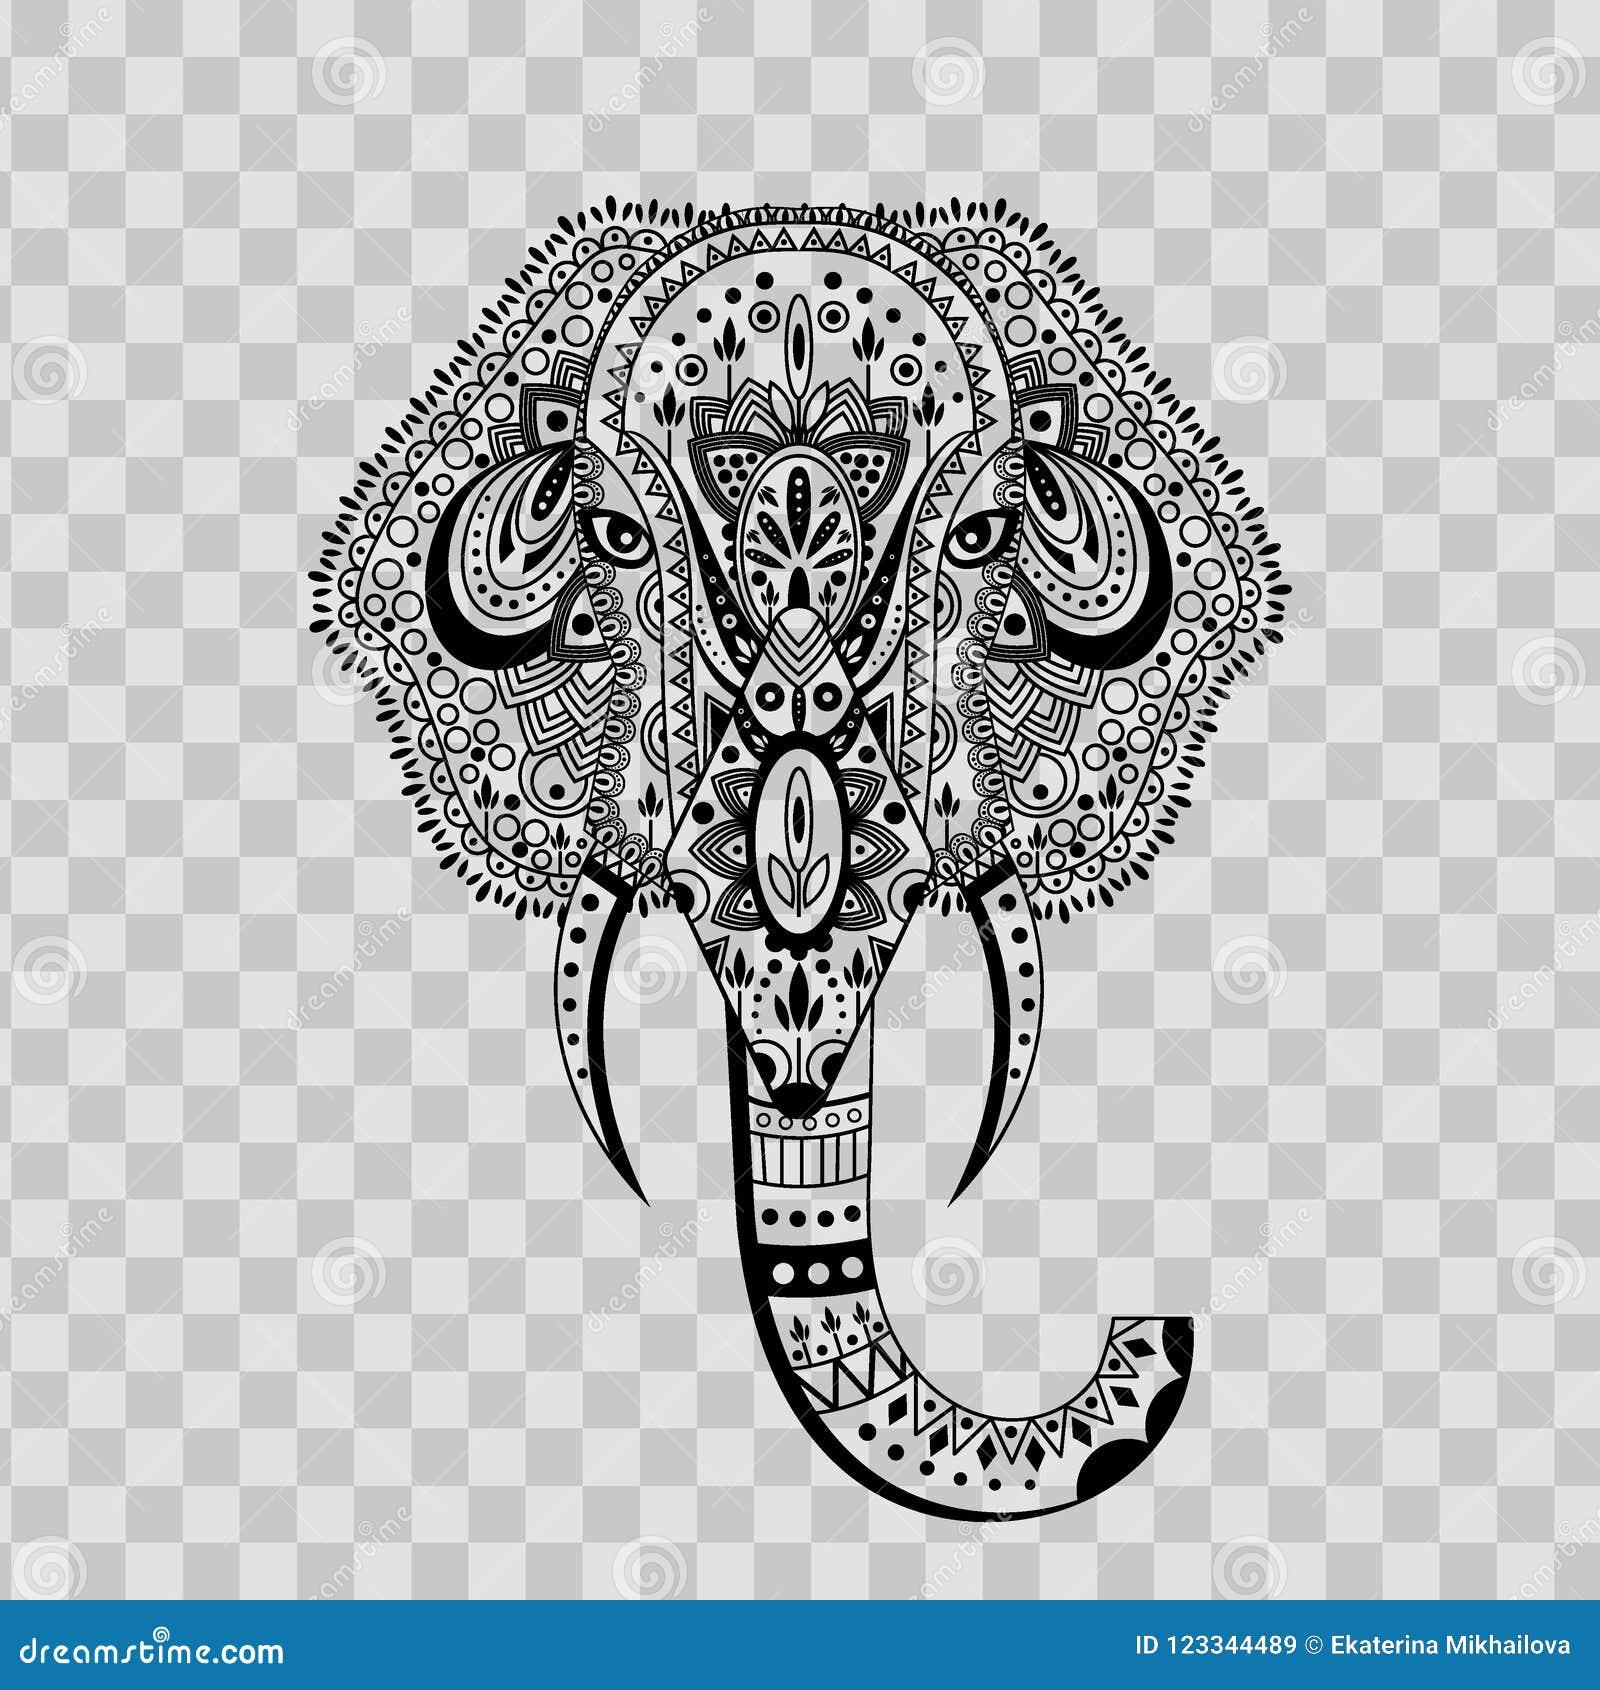 Decorative Indian Elephant Transparent Clip Art Image t